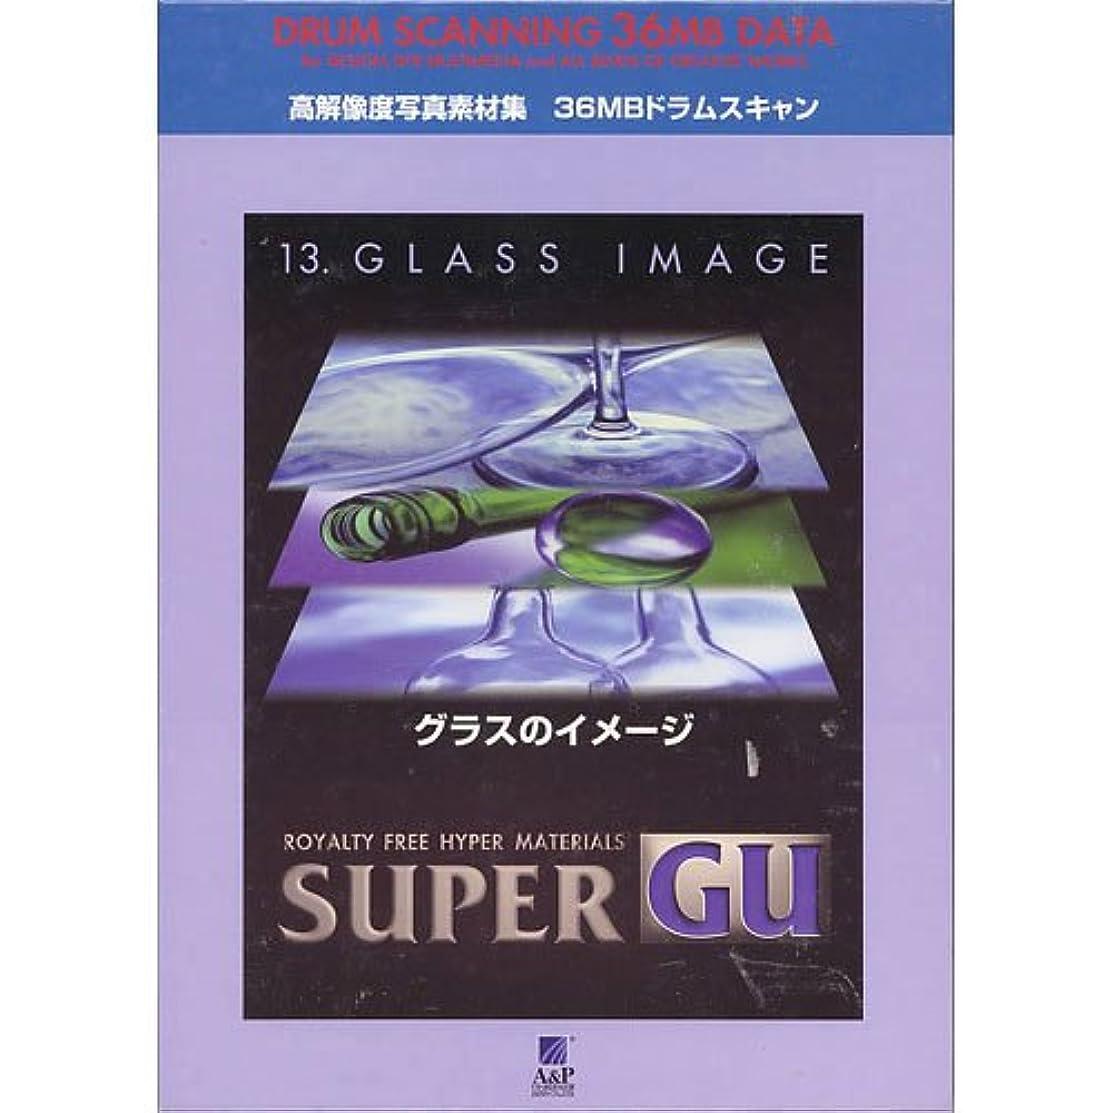 SUPER GU 13 GLASS IMAGE